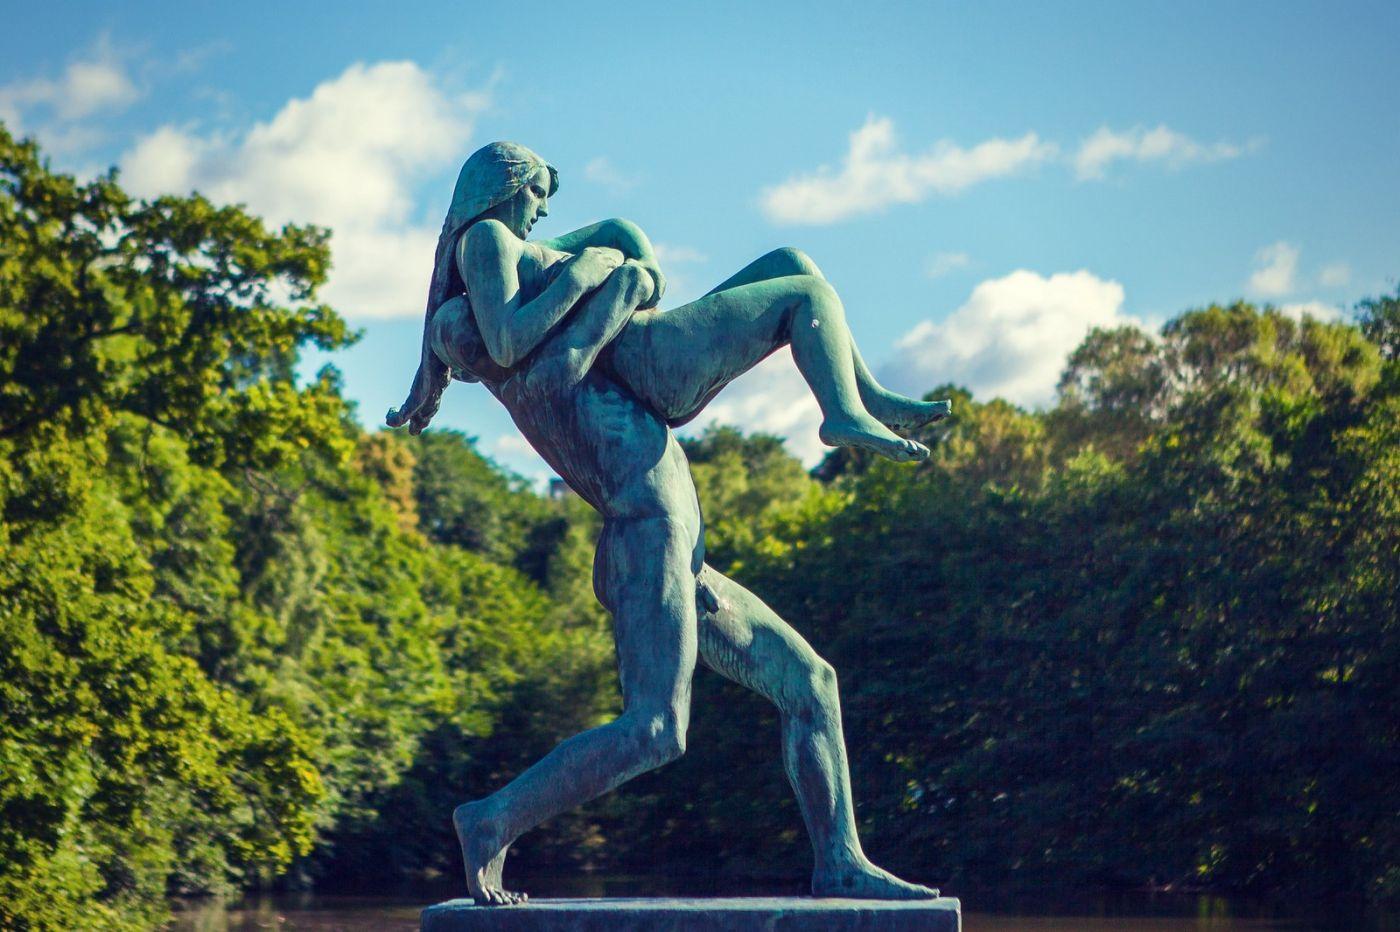 挪威维格兰雕塑公园,风格明显_图1-34